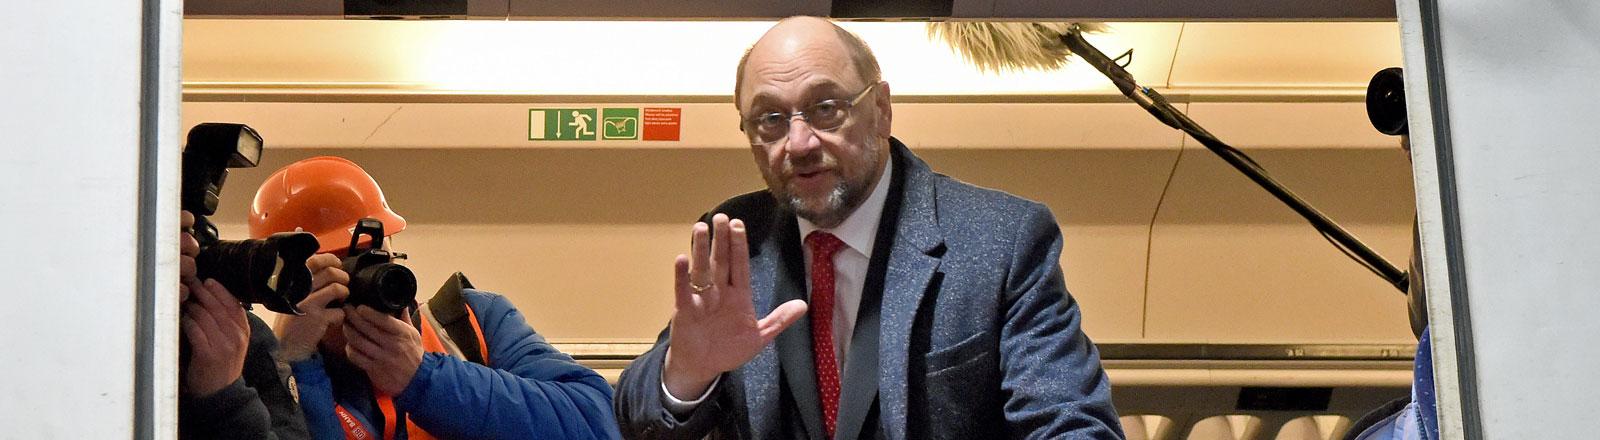 Der designierte SPD-Kanzlerkandidat Martin Schulz steht am 07.02.2017 im Bahn-Werk Neumünster (Schleswig-Holstein) in einem Waggon.